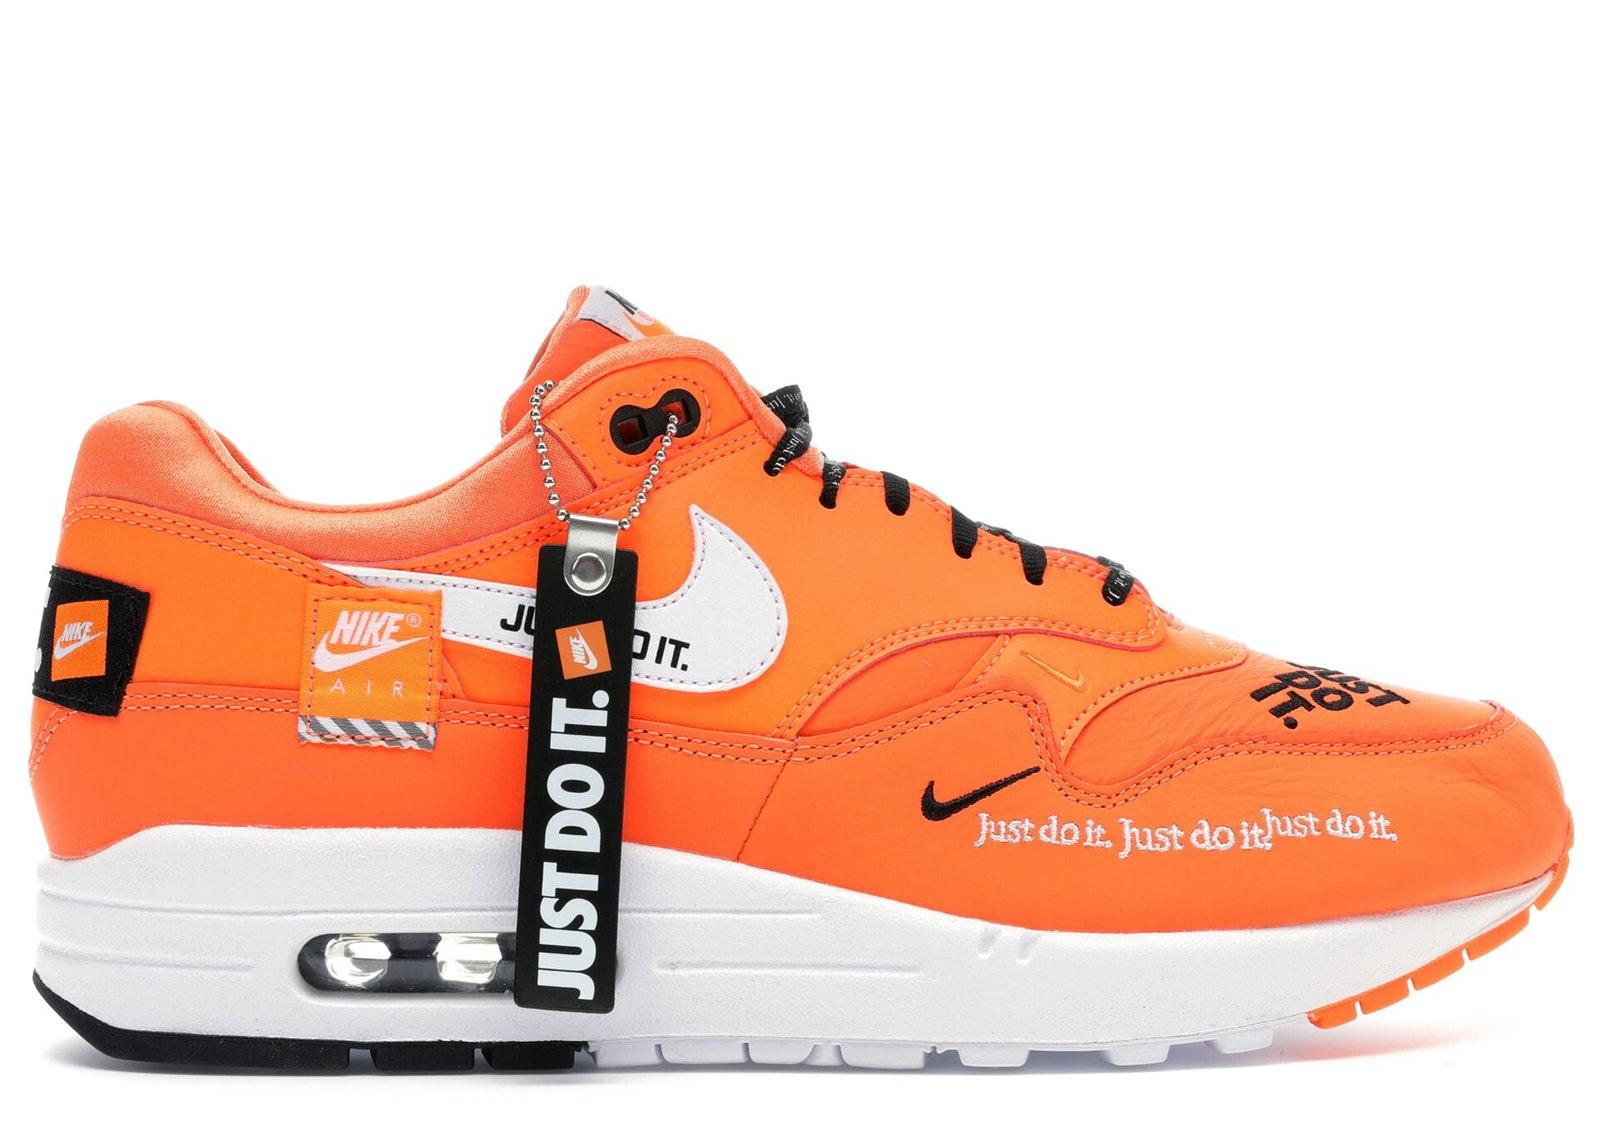 Air Max 1 Just Do It Orange (W)